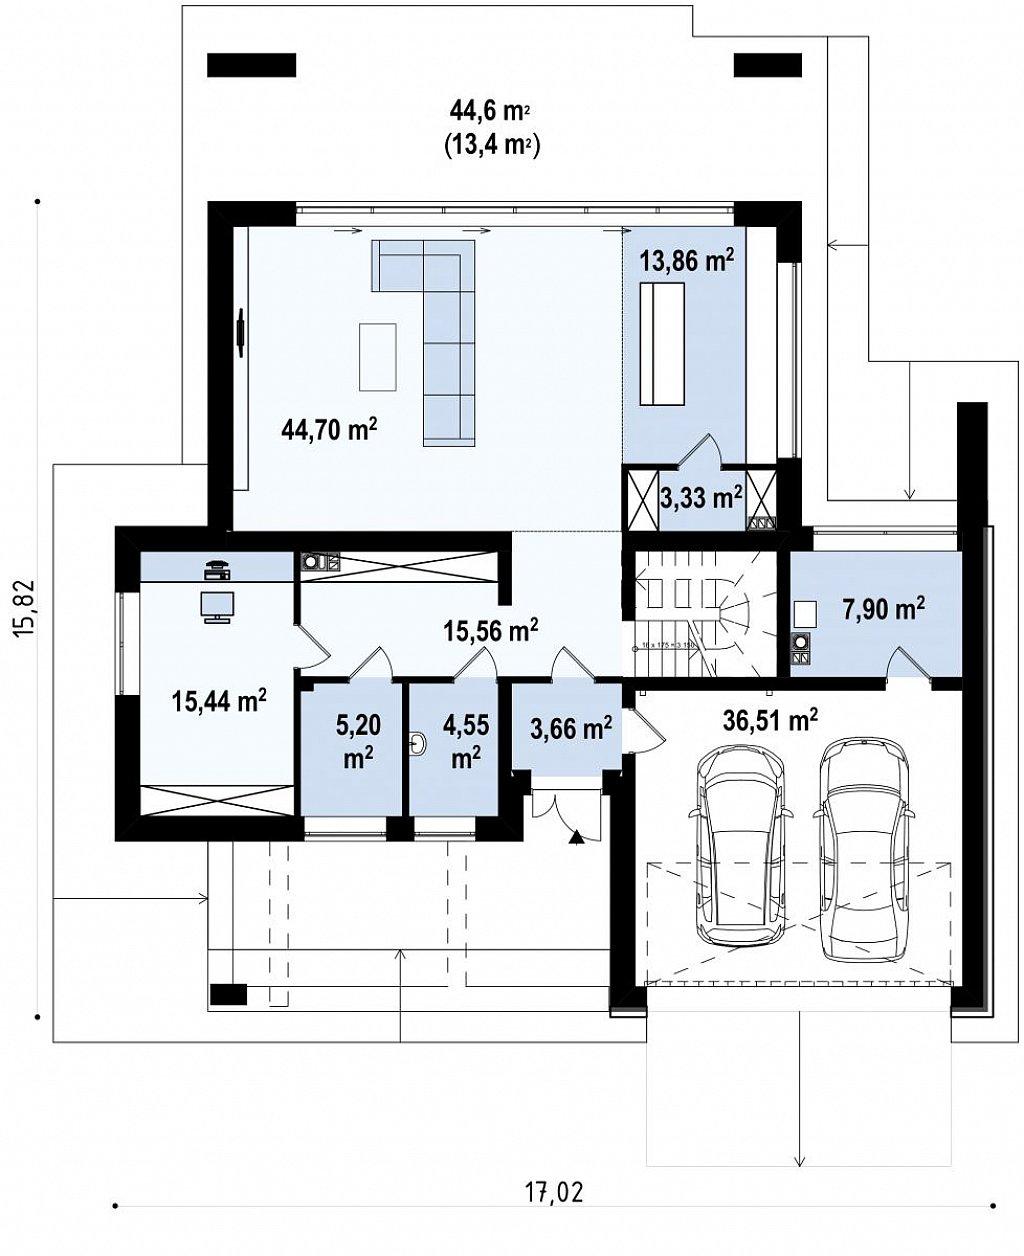 Двухэтажный коттедж с плоской крышей и большой террасой план помещений 1